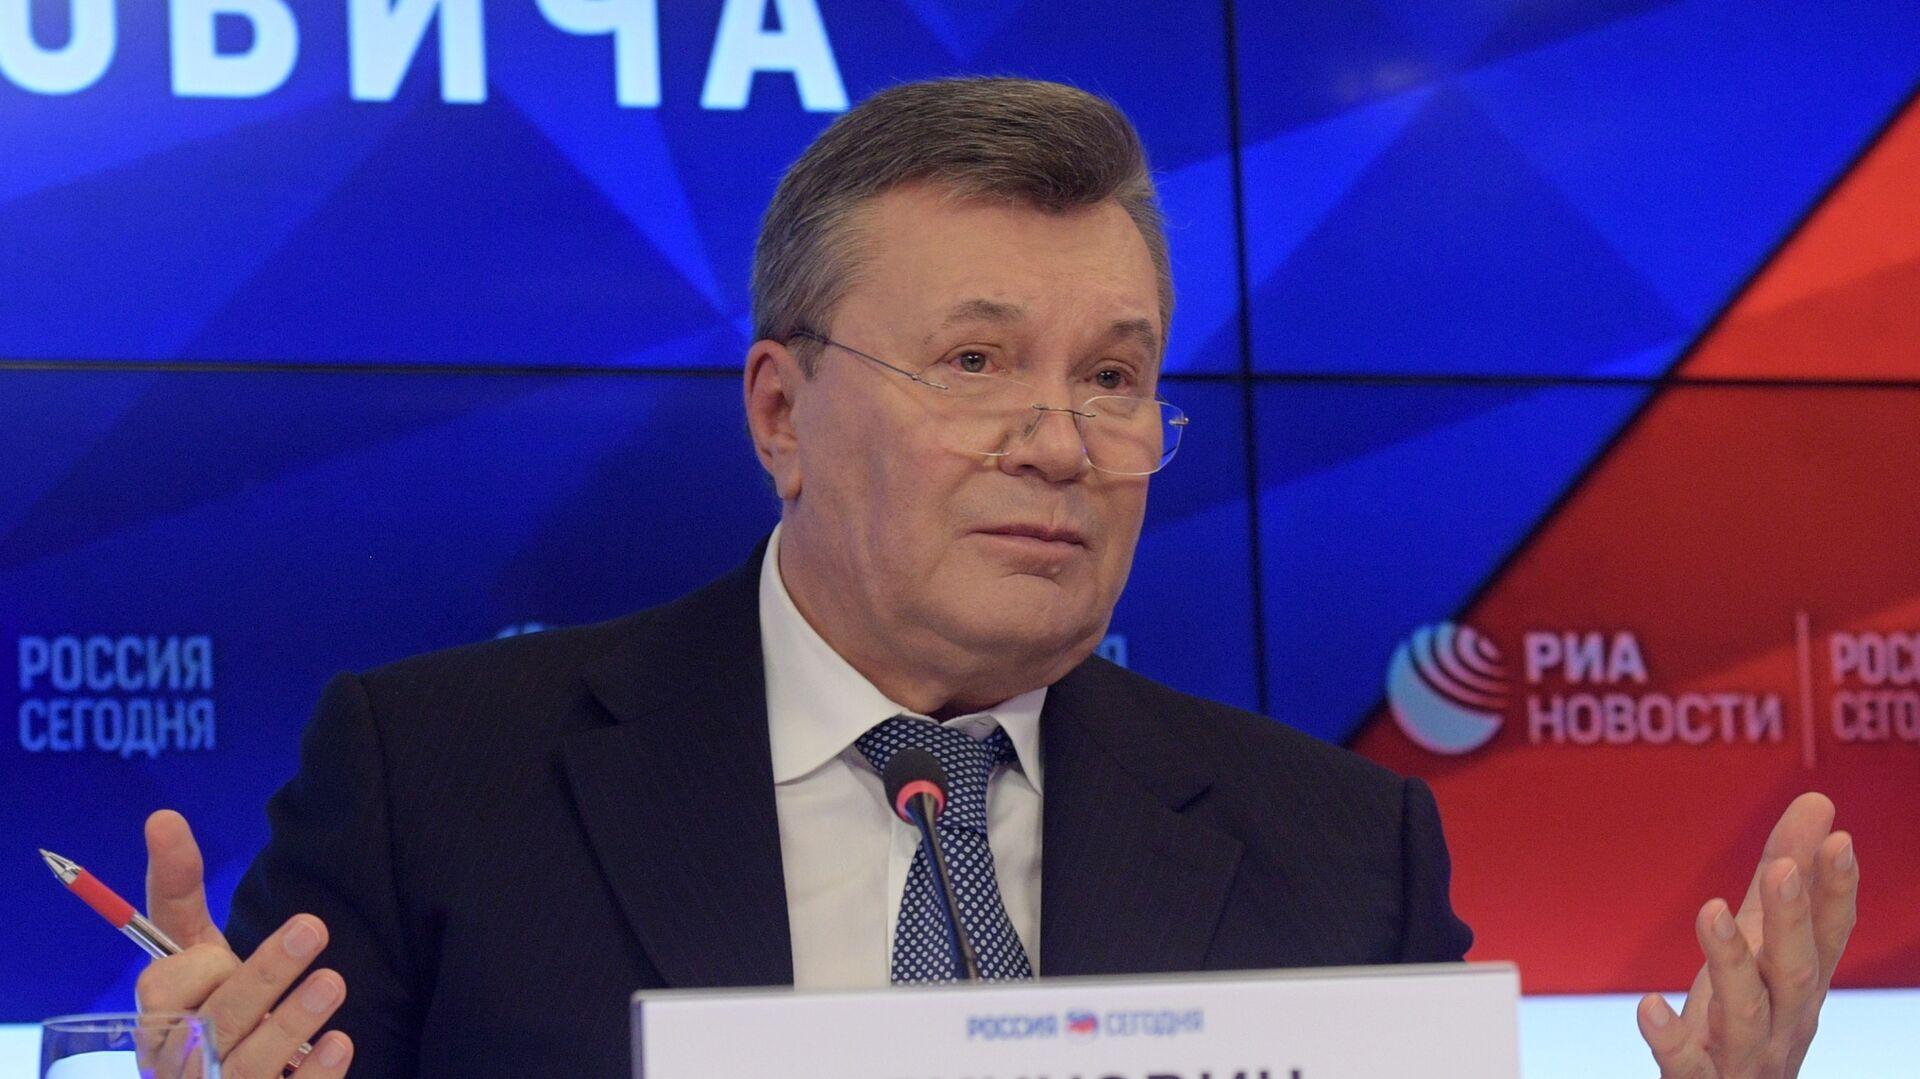 Бывший президент Украины Виктор Янукович на пресс-конференции в МИА Россия сегодня - РИА Новости, 1920, 28.07.2021